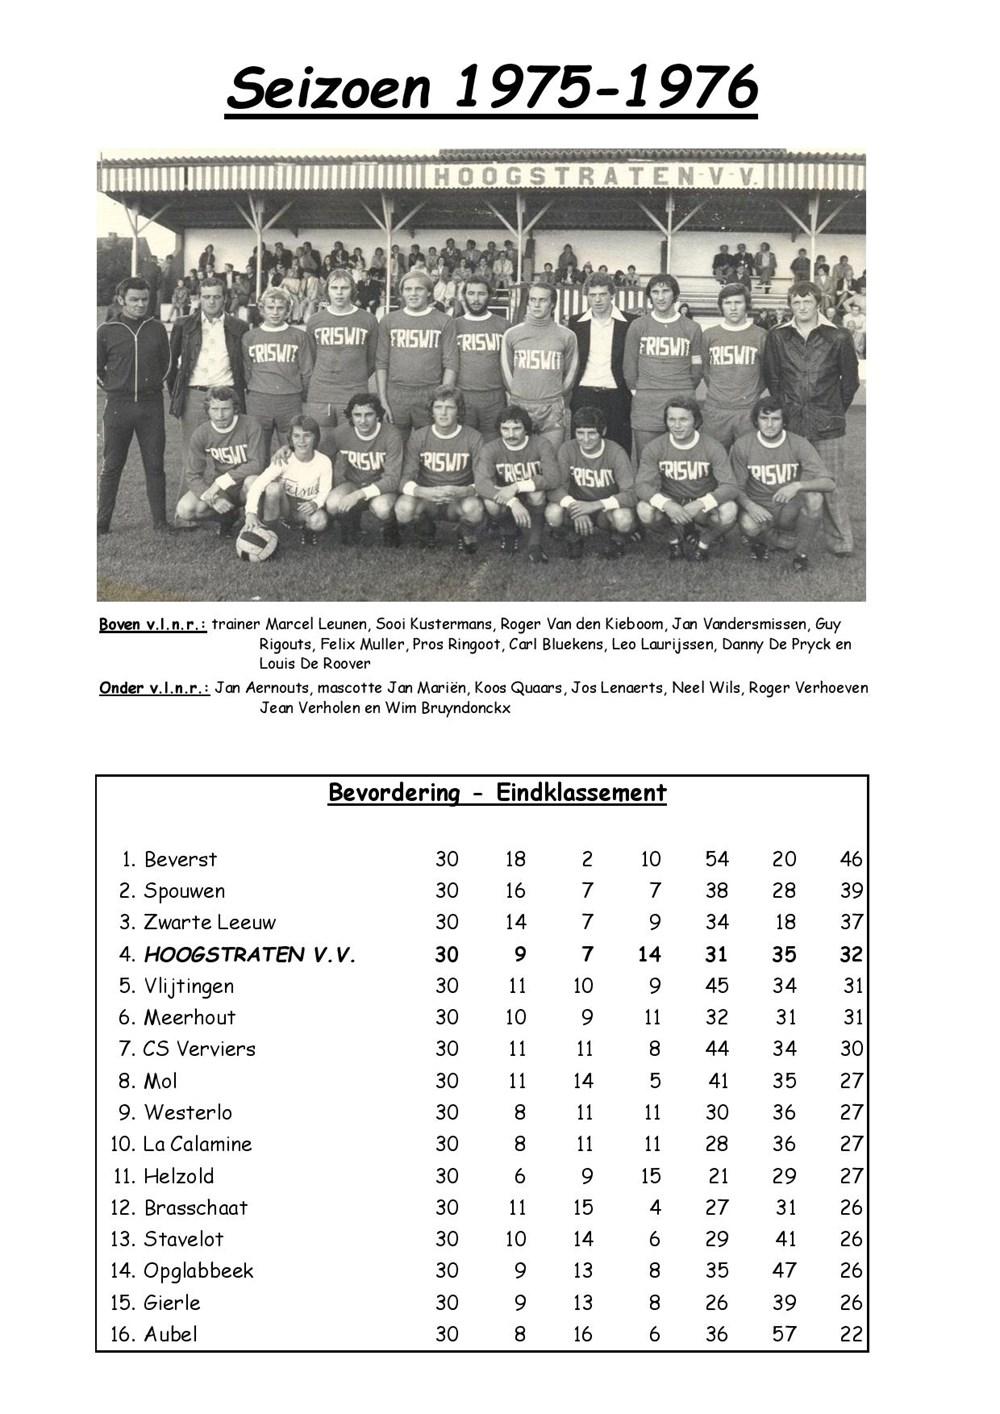 seizoen_1975-1976-page-001.jpg